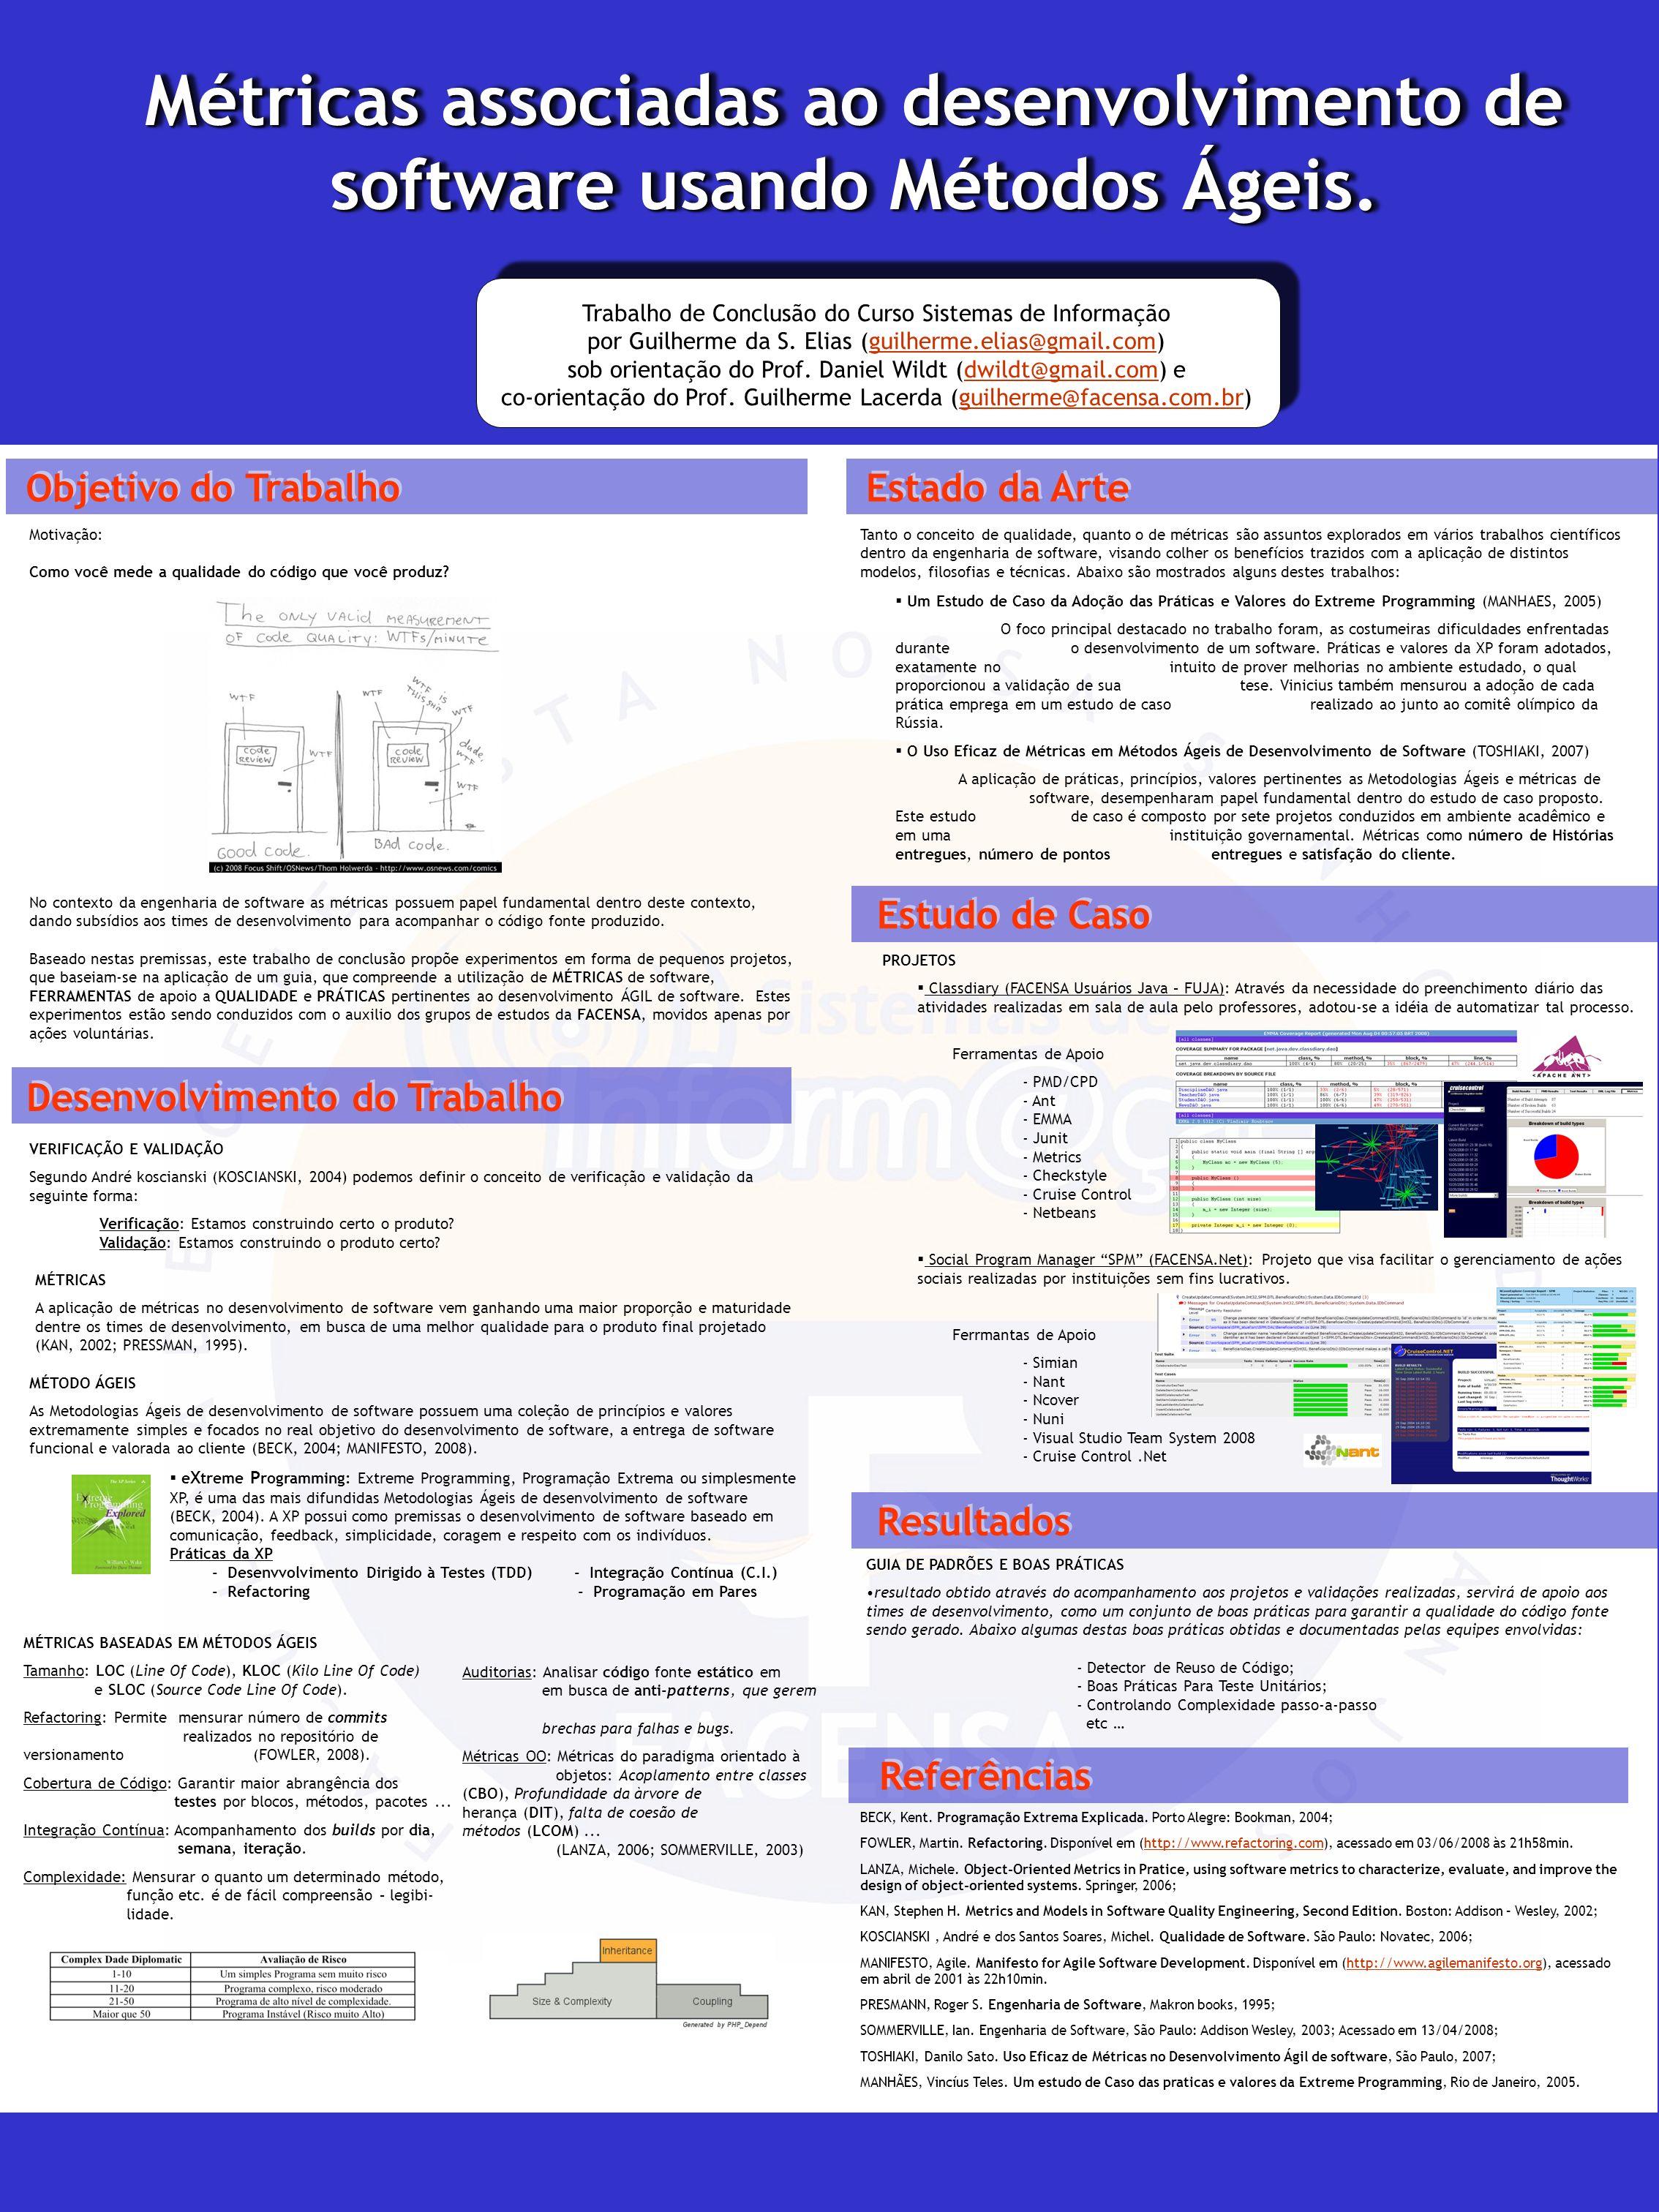 Métricas associadas ao desenvolvimento de software usando Métodos Ágeis. Trabalho de Conclusão do Curso Sistemas de Informação por Guilherme da S. Eli